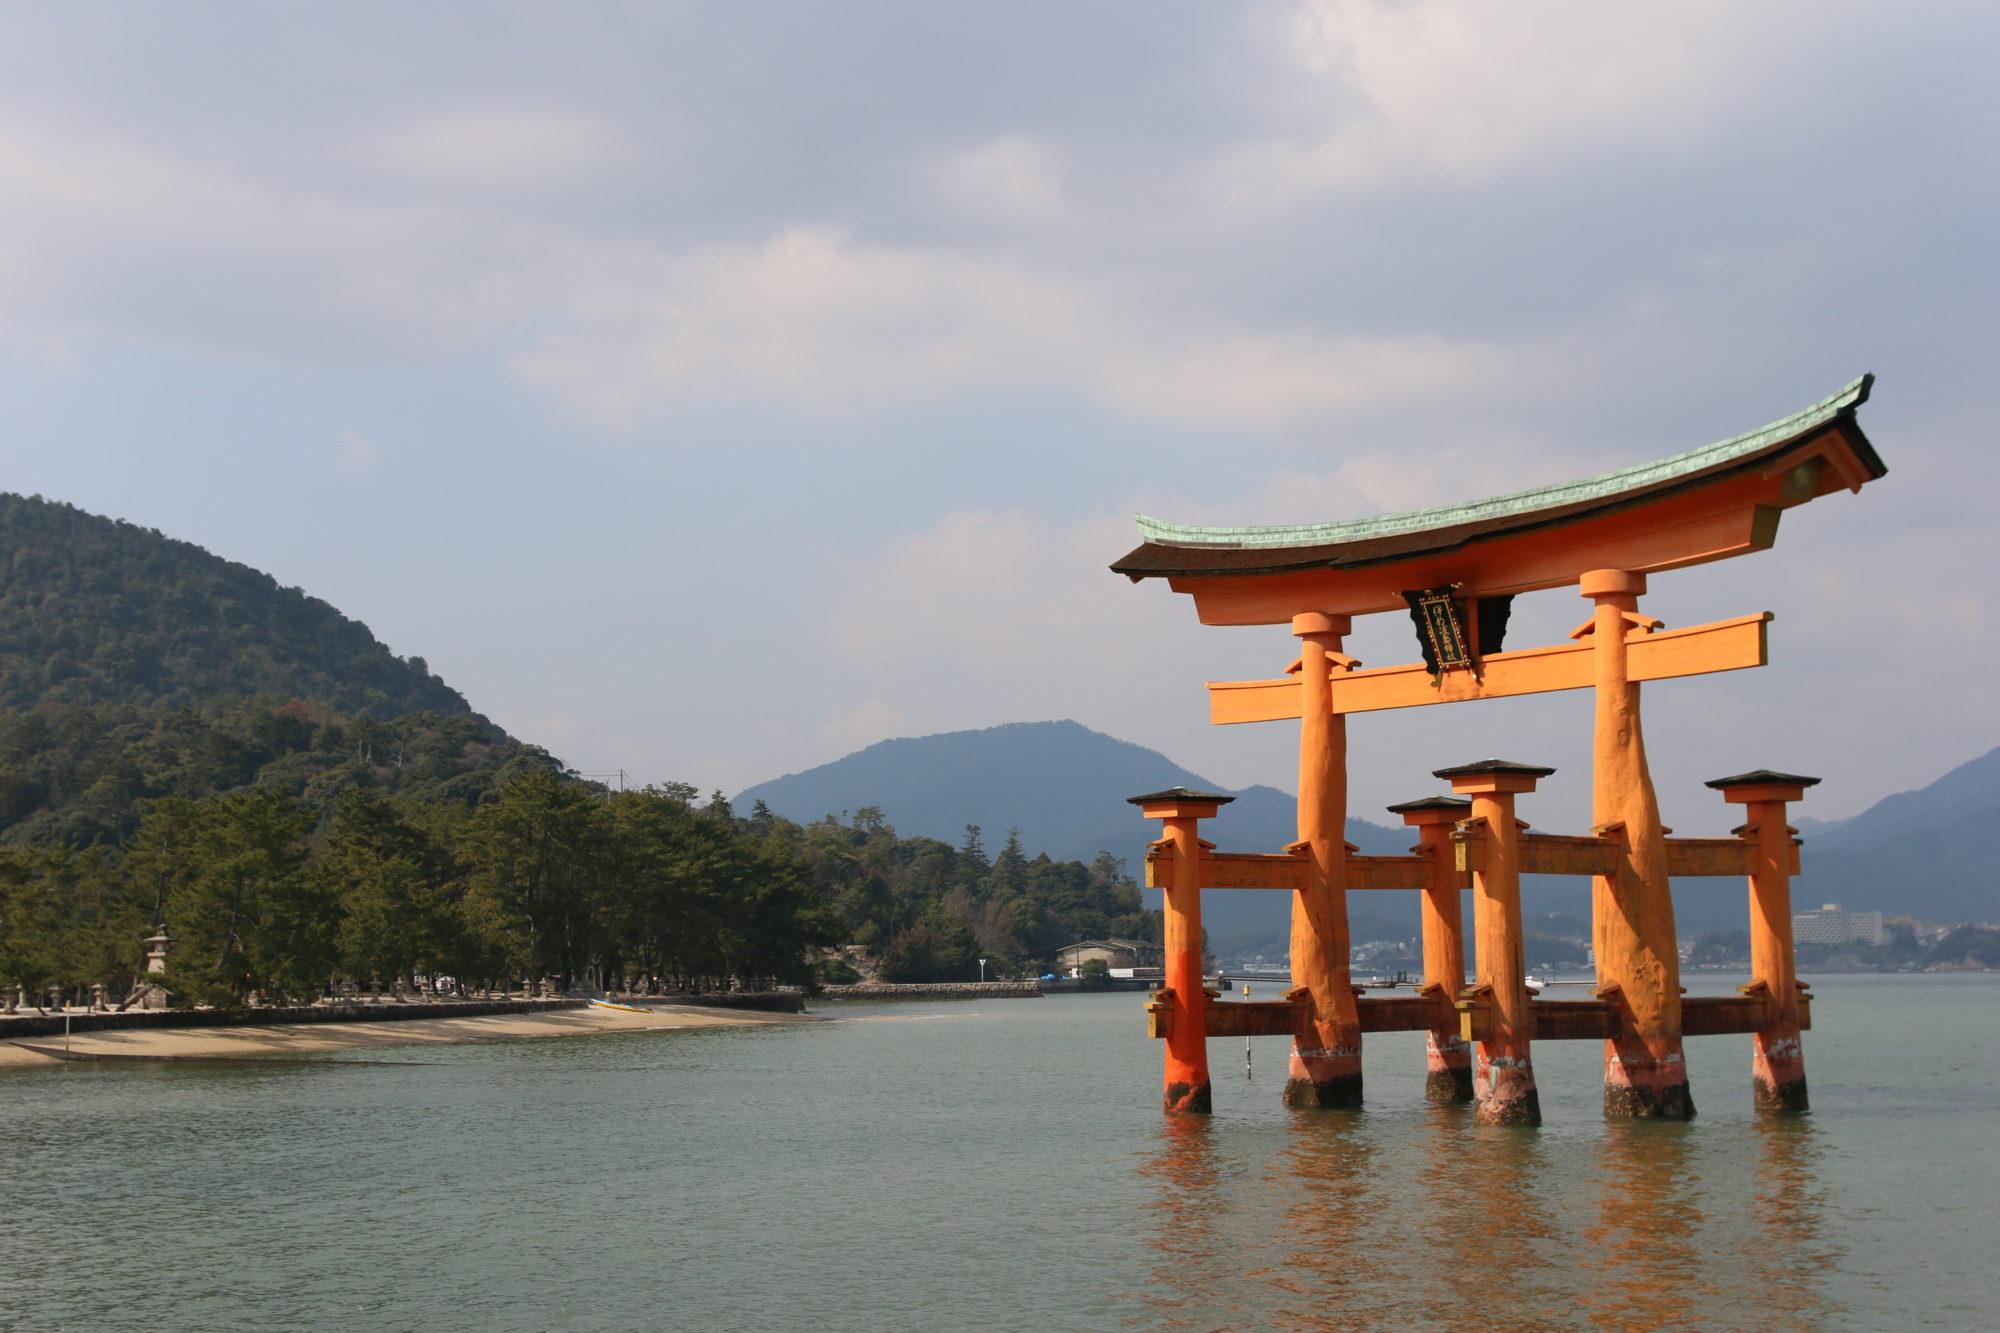 1日広島市観光プラン!!宮島、厳島神社と平和公園を満喫する